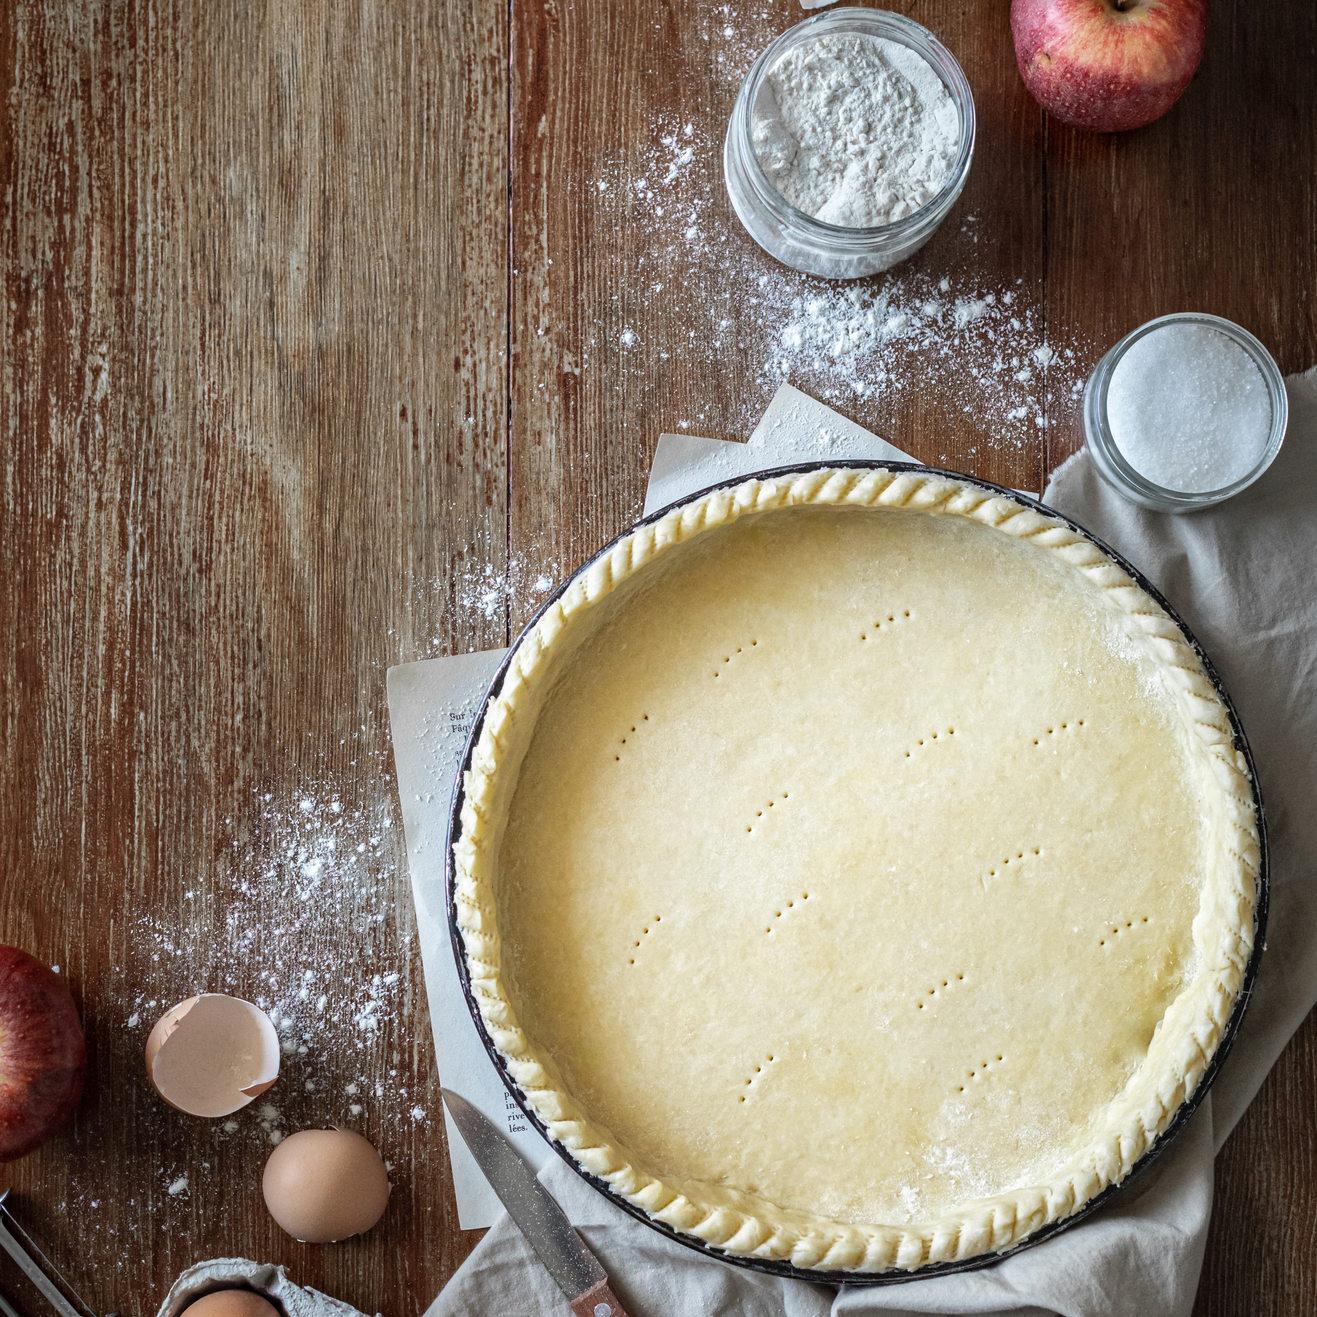 Photographie culinaire - Tarte aux pommes en préparation